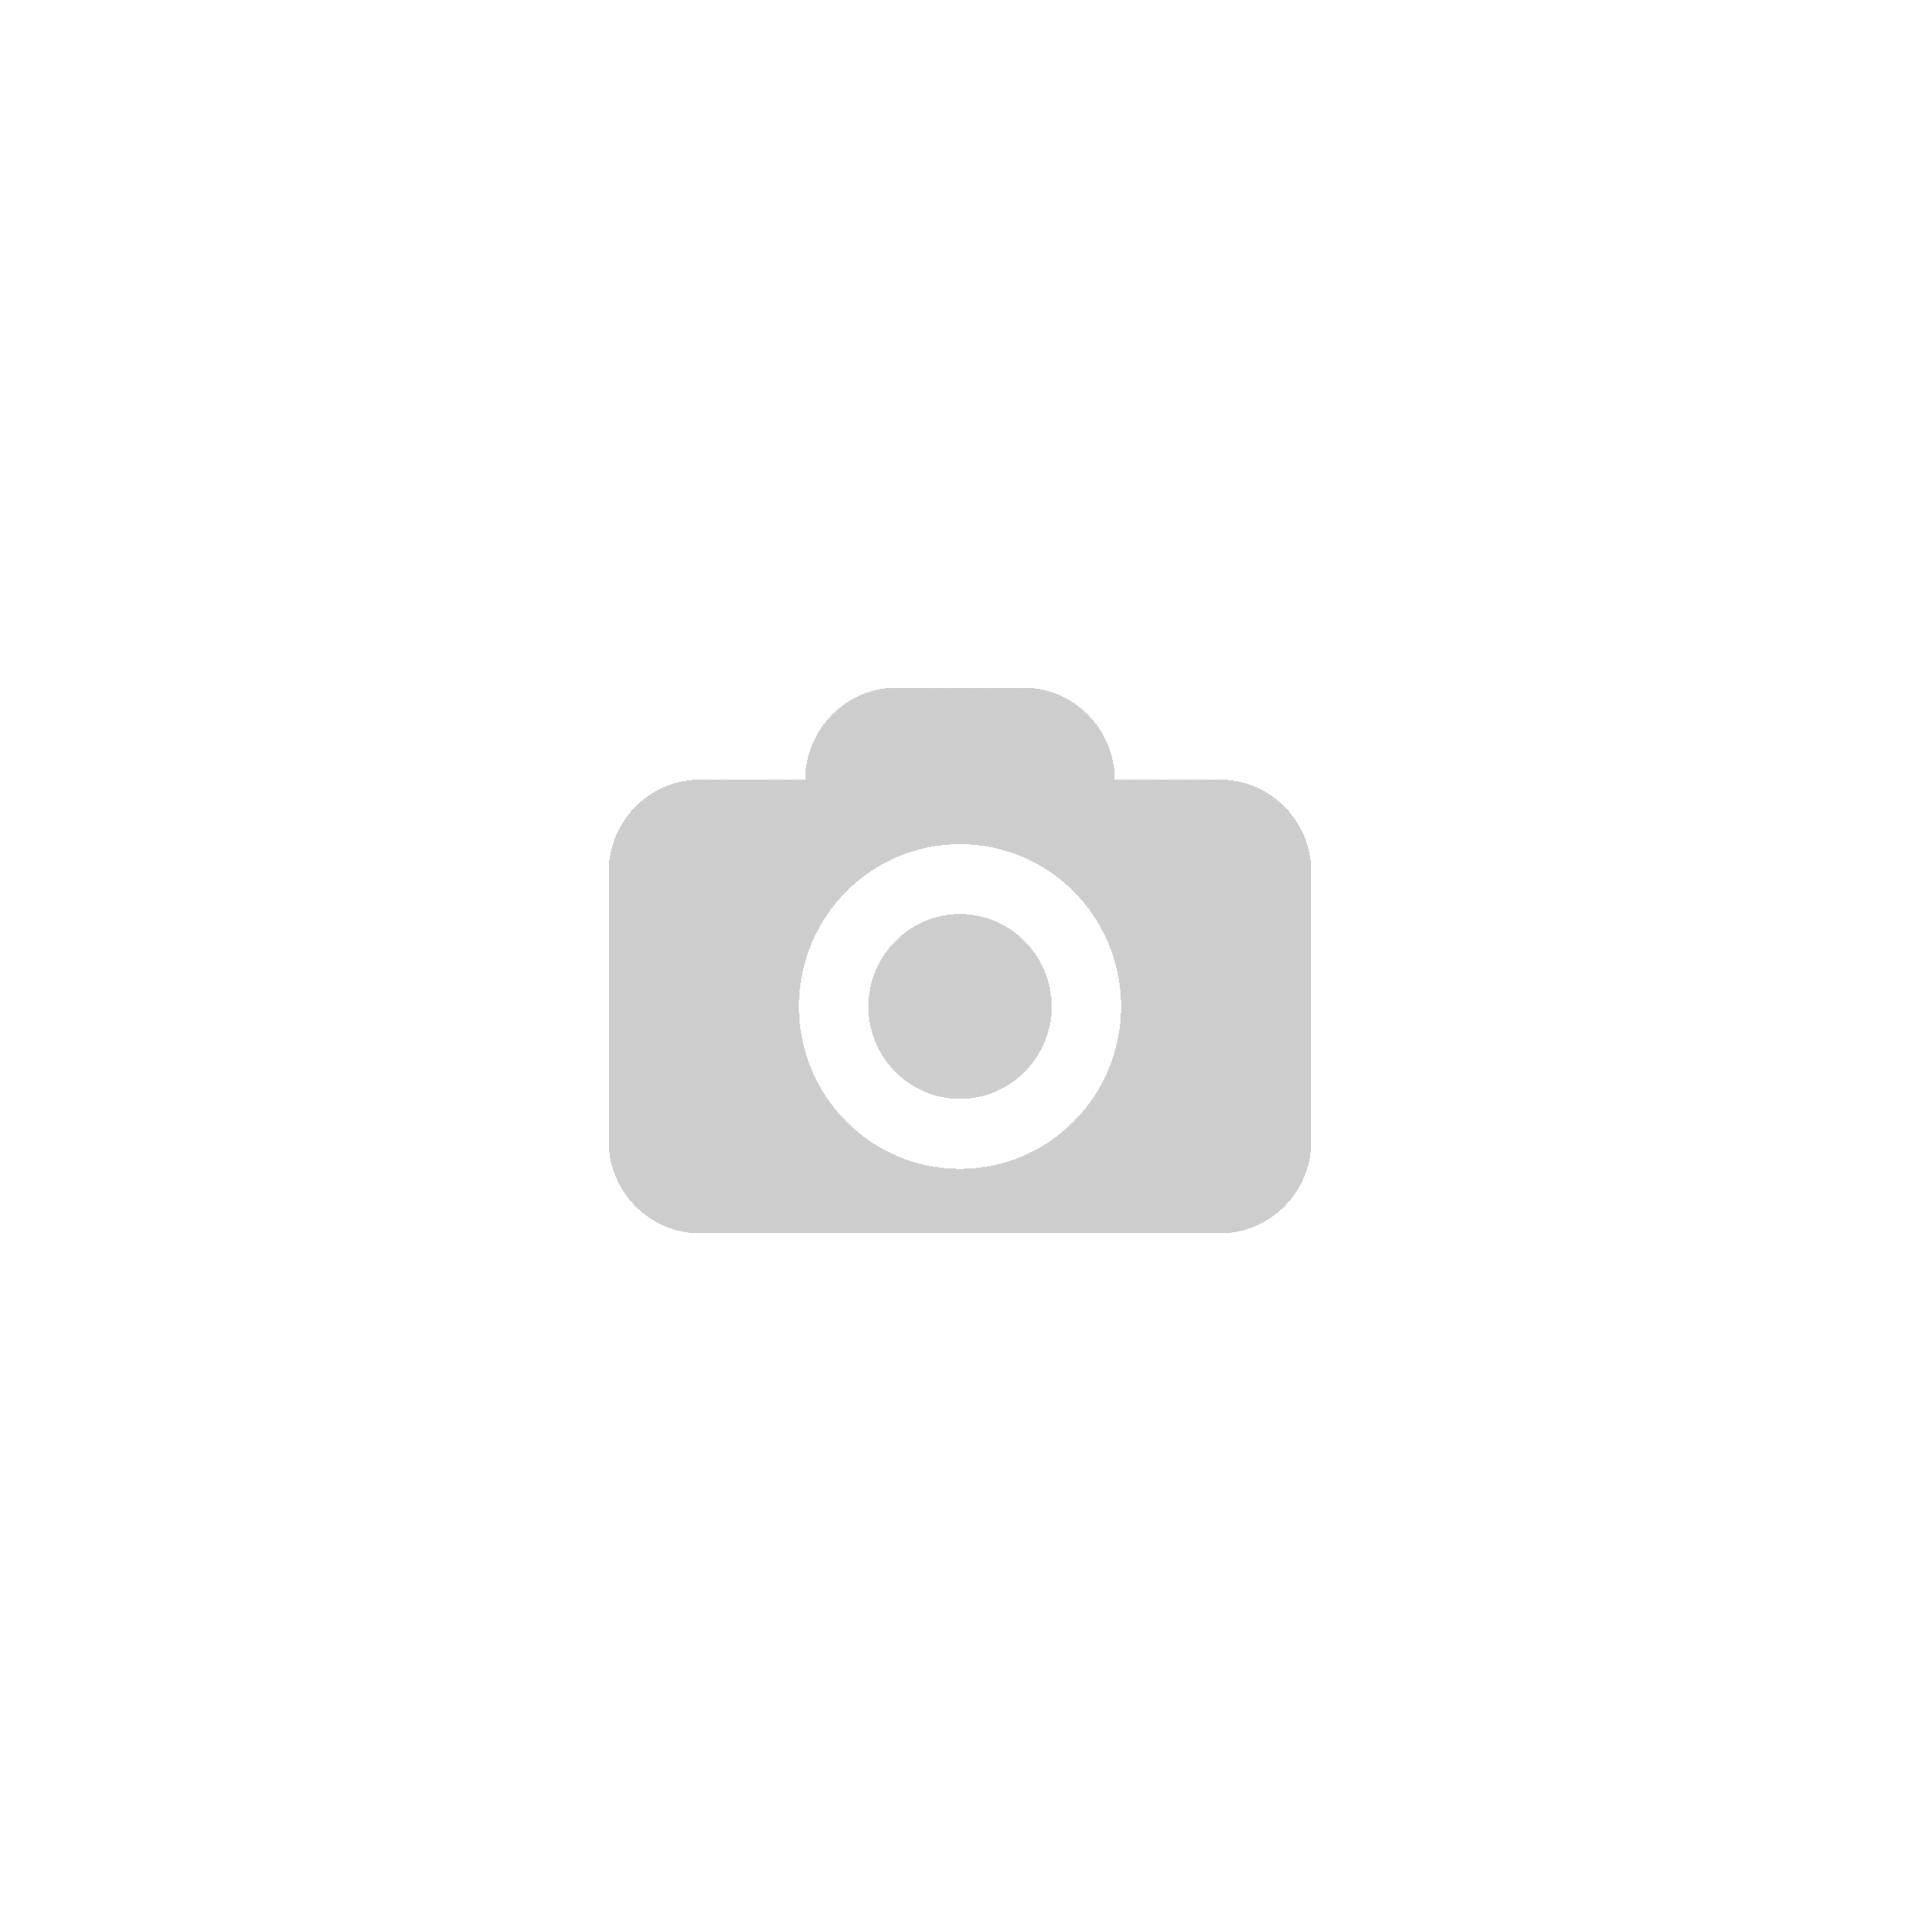 76a576d725 Allrounder 4 az 1-ben pilótadzseki, kék | METÁLIA-HVB Kft. E-MIX ...